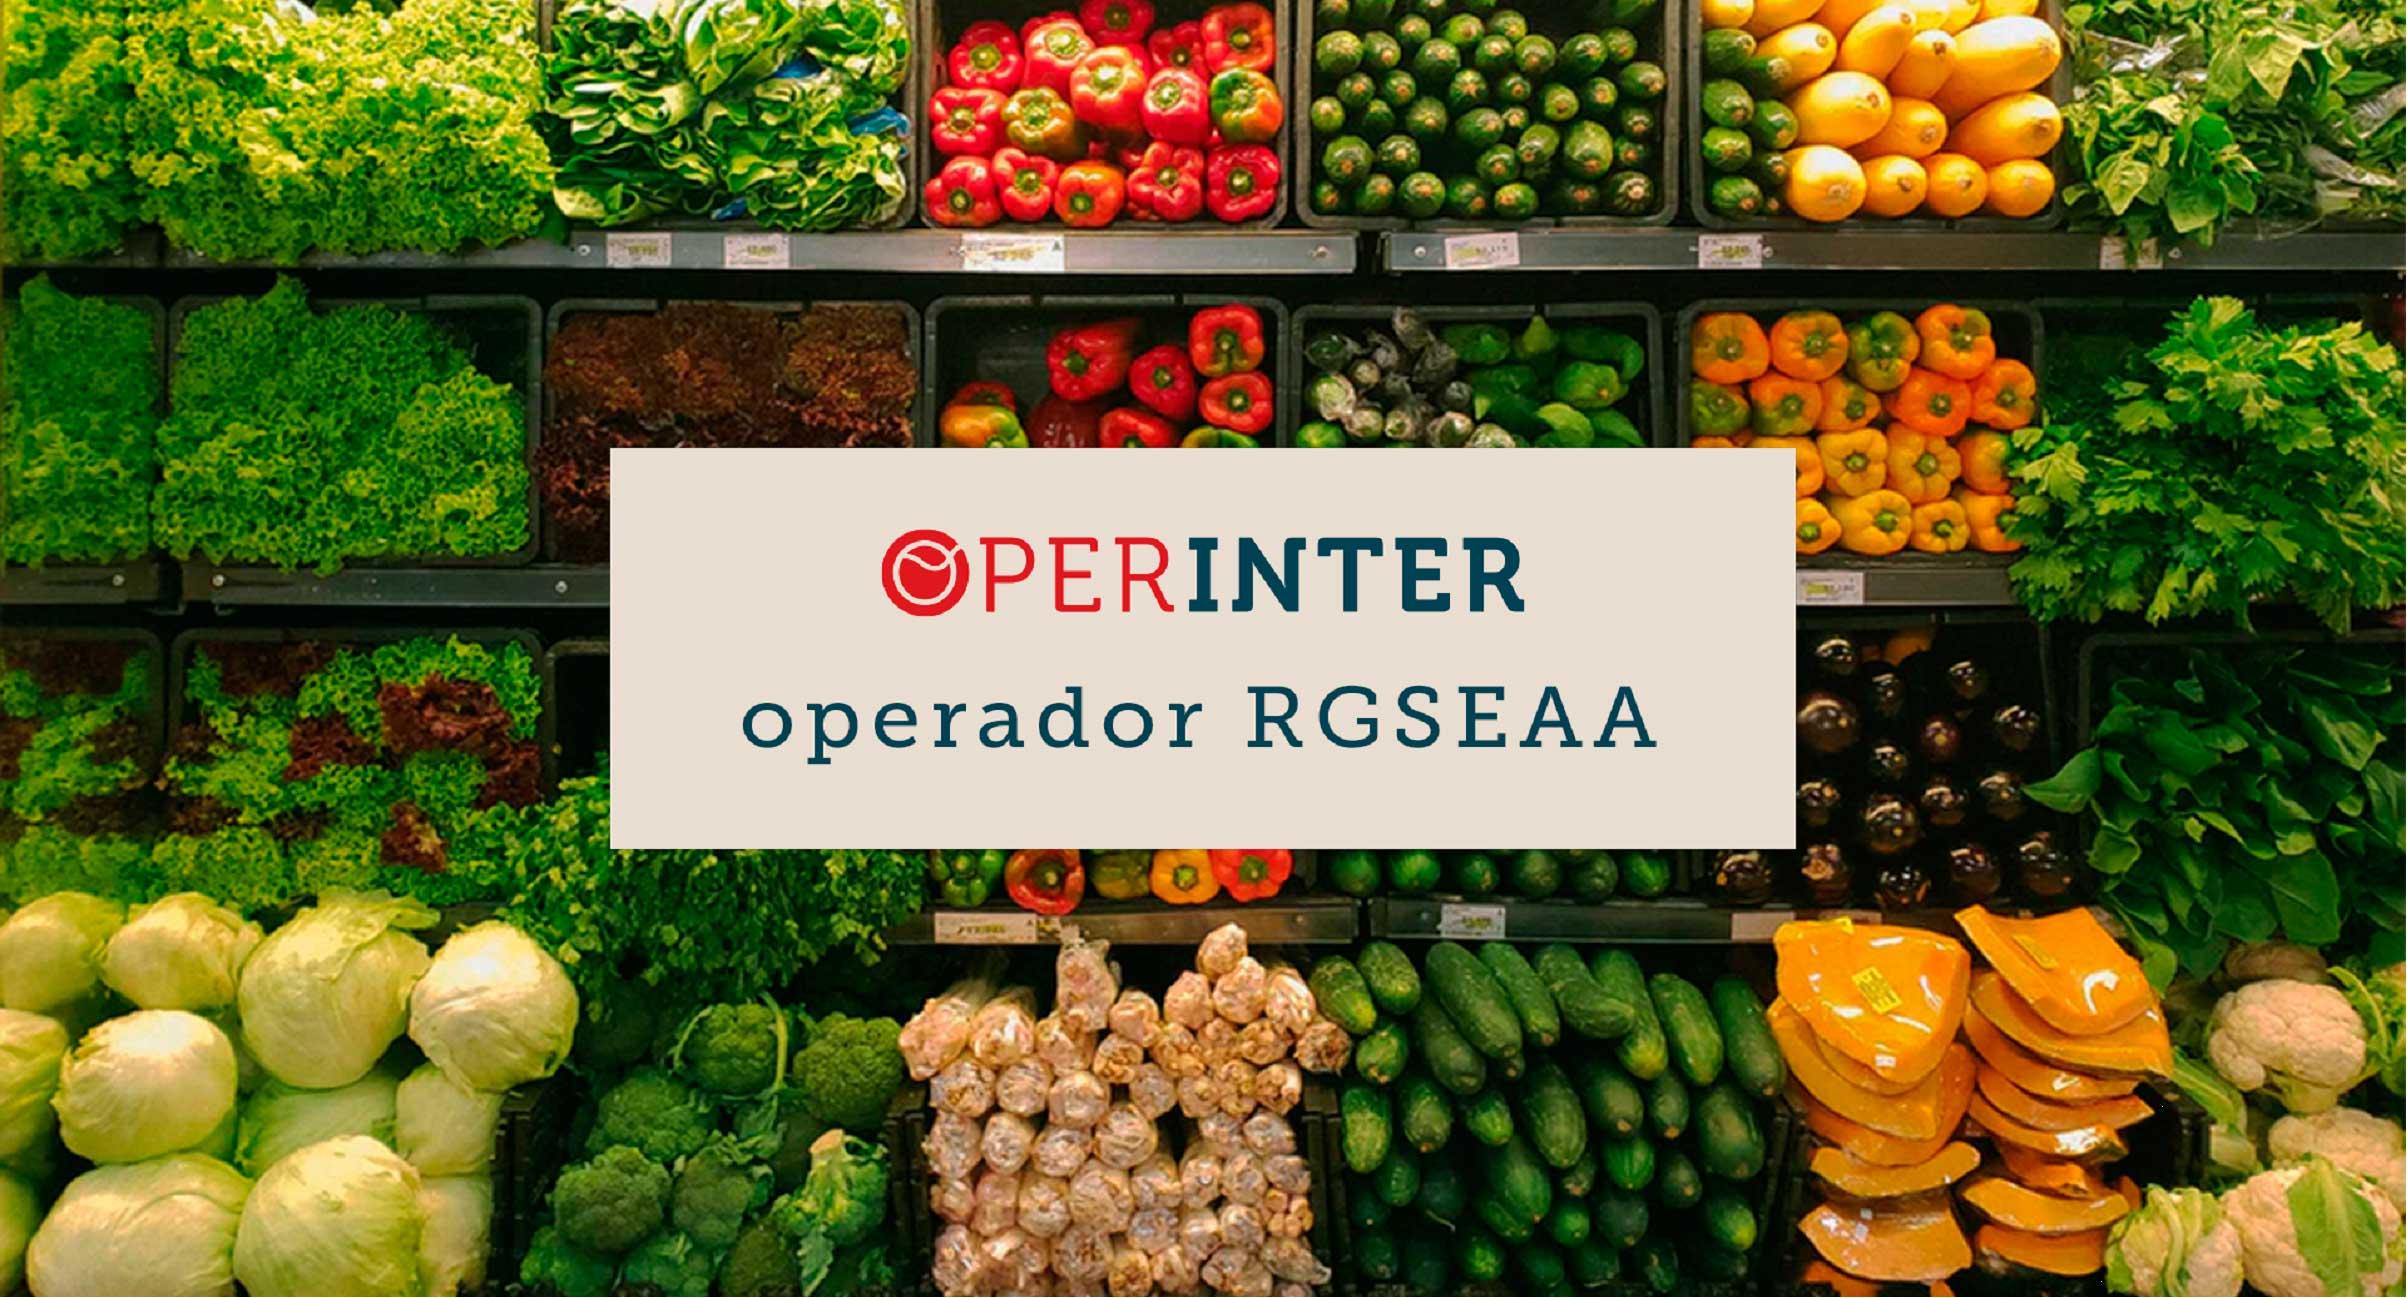 Nueva certificación para Operinter Andalucía